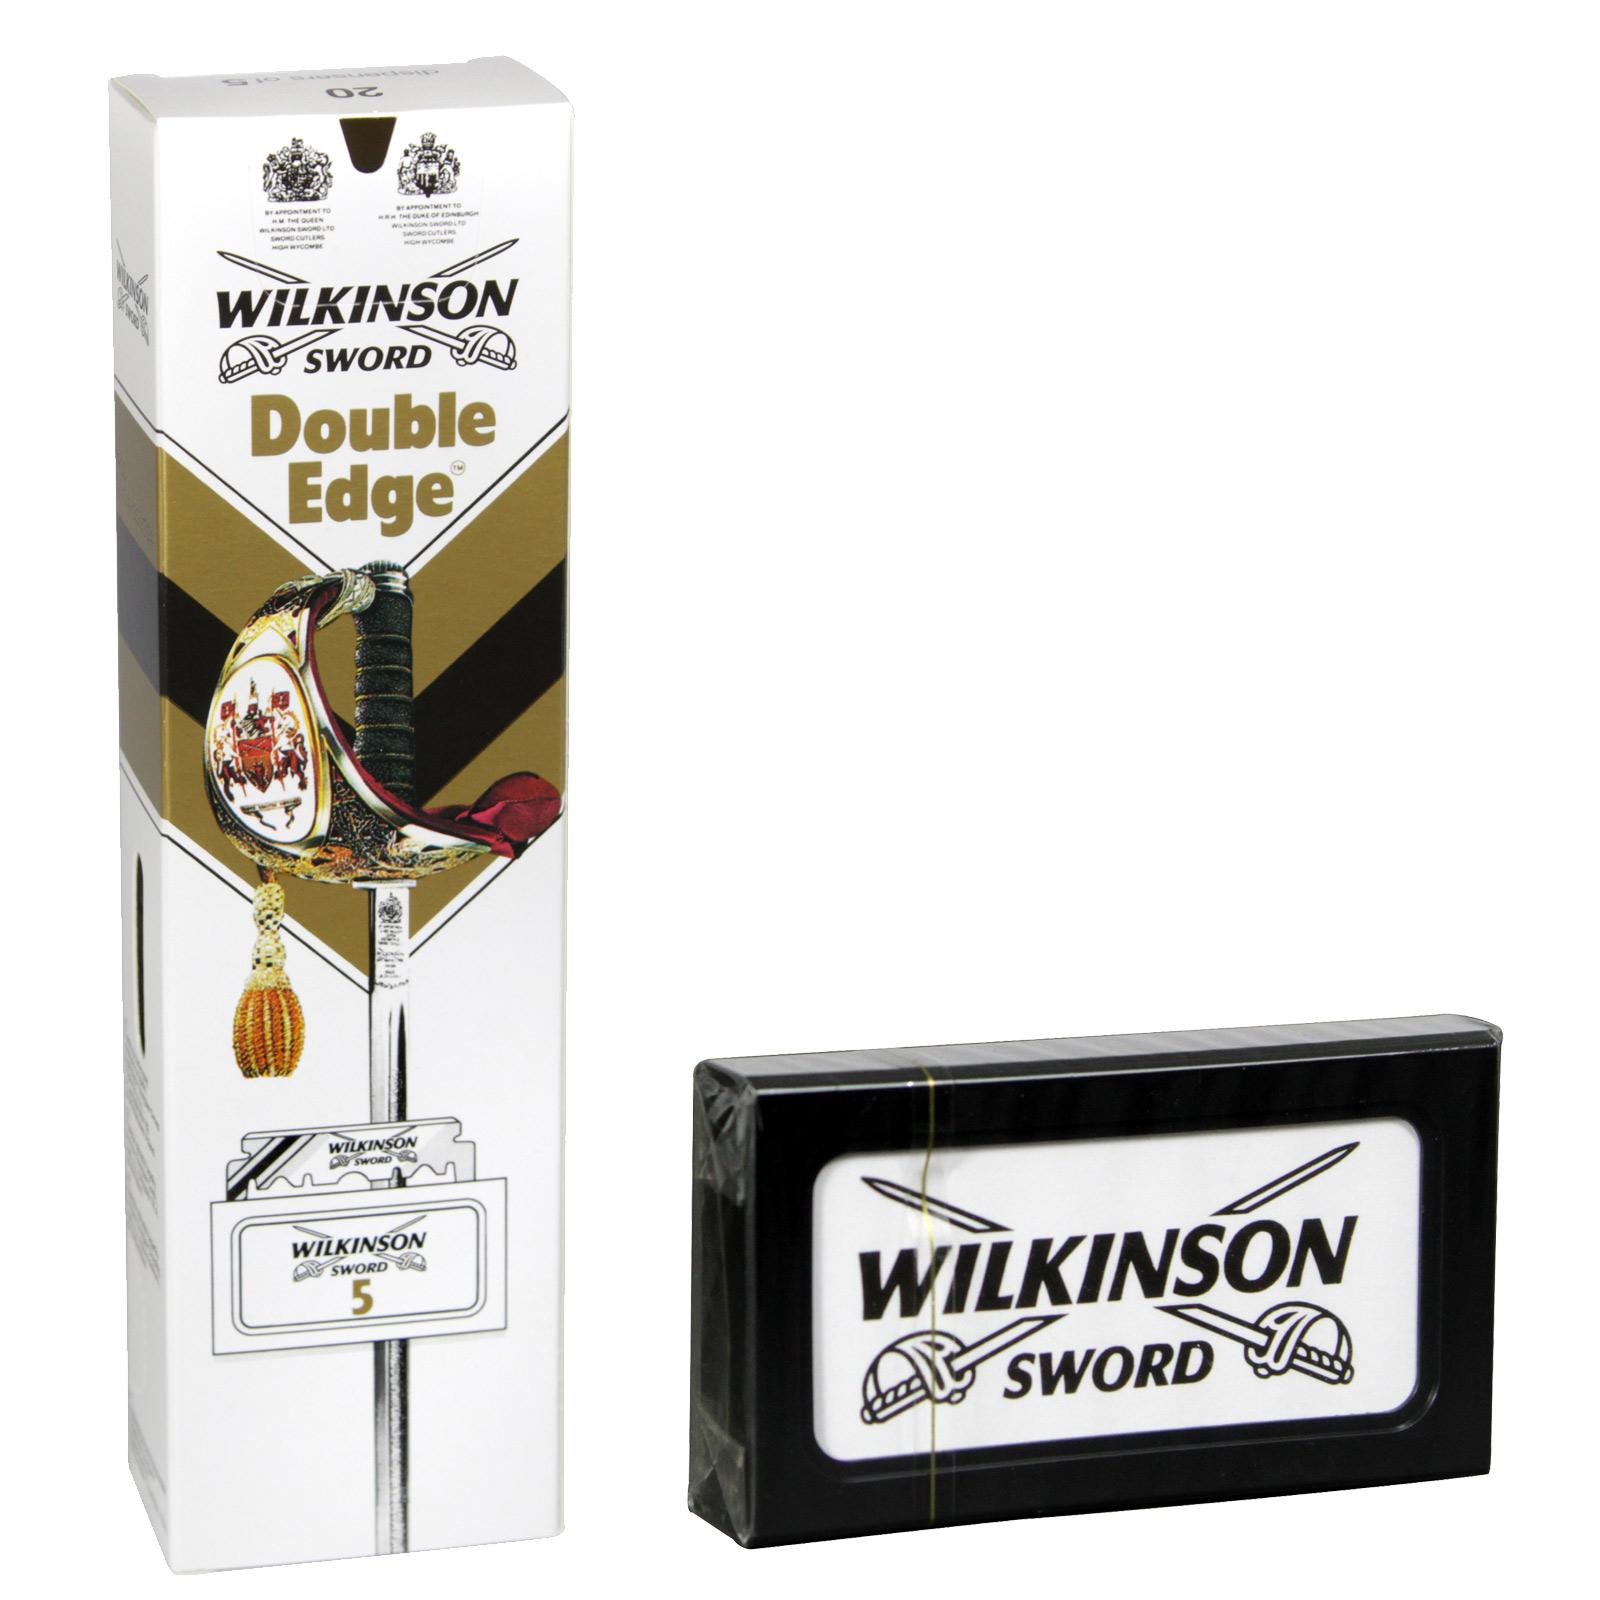 WILKINSON DOUBLE EDGE BLADE 5S X20